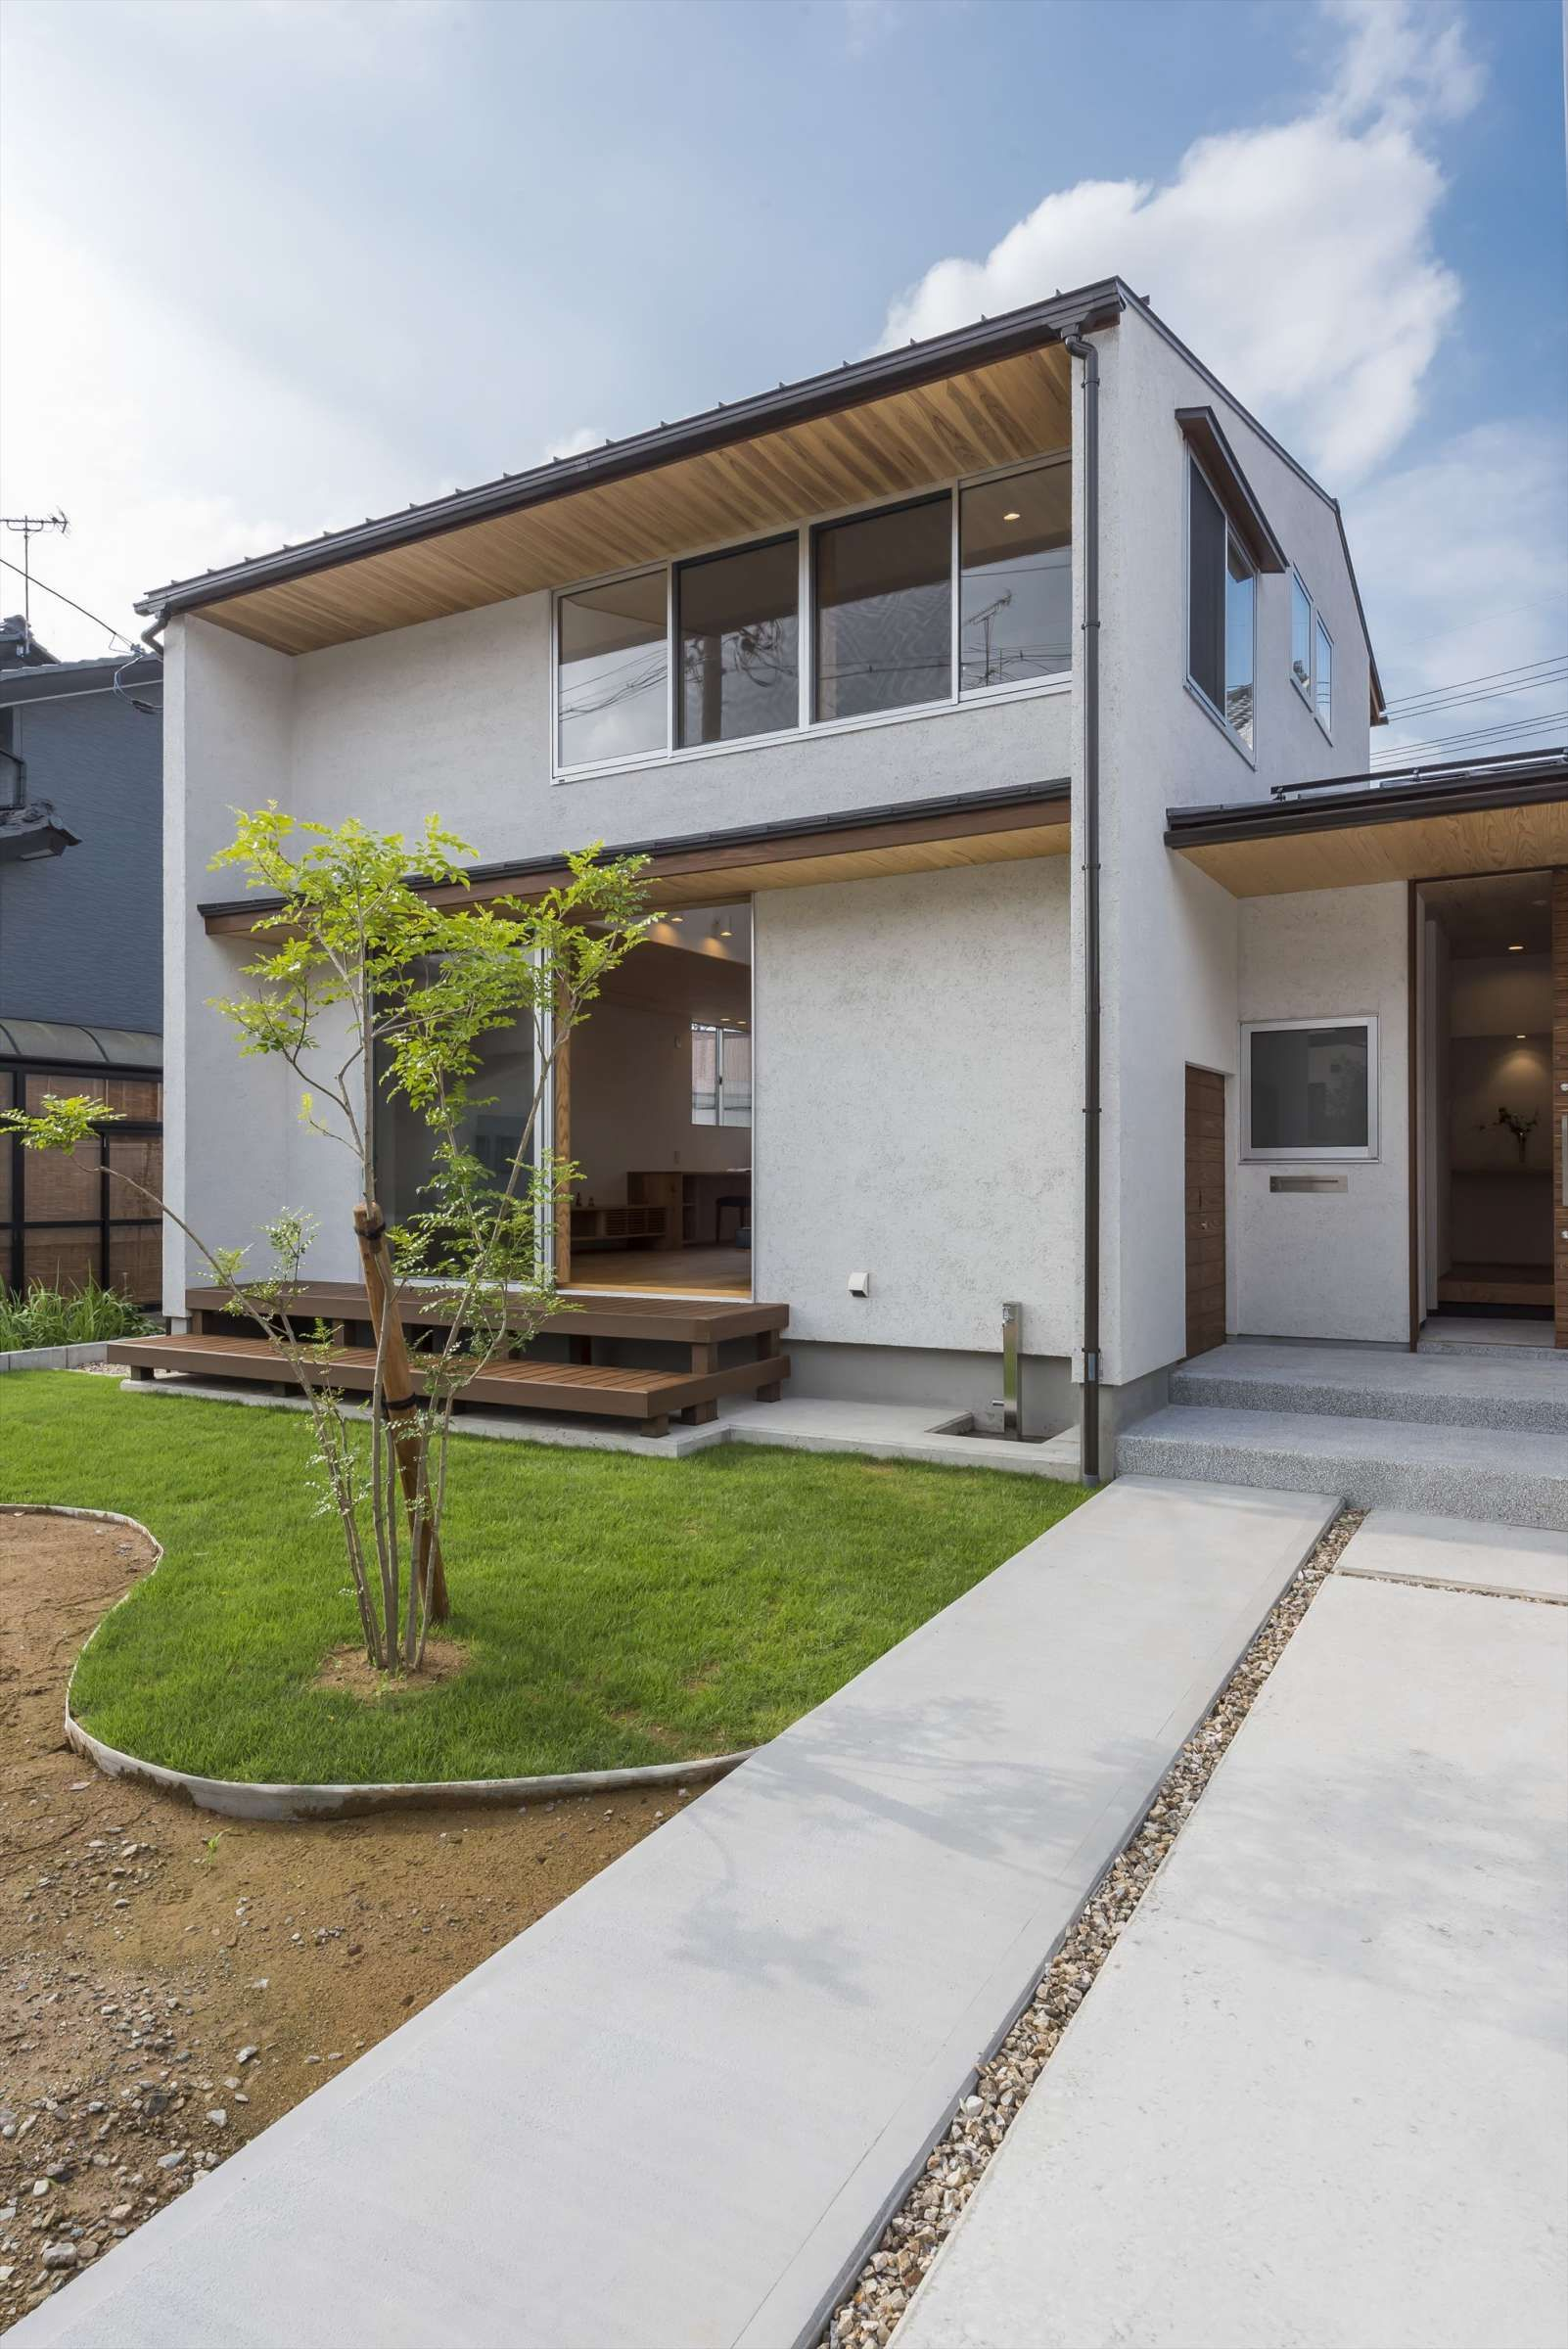 外観 住まい工房 建築実例 狭小ハウスデザイン 日本のモダンな家